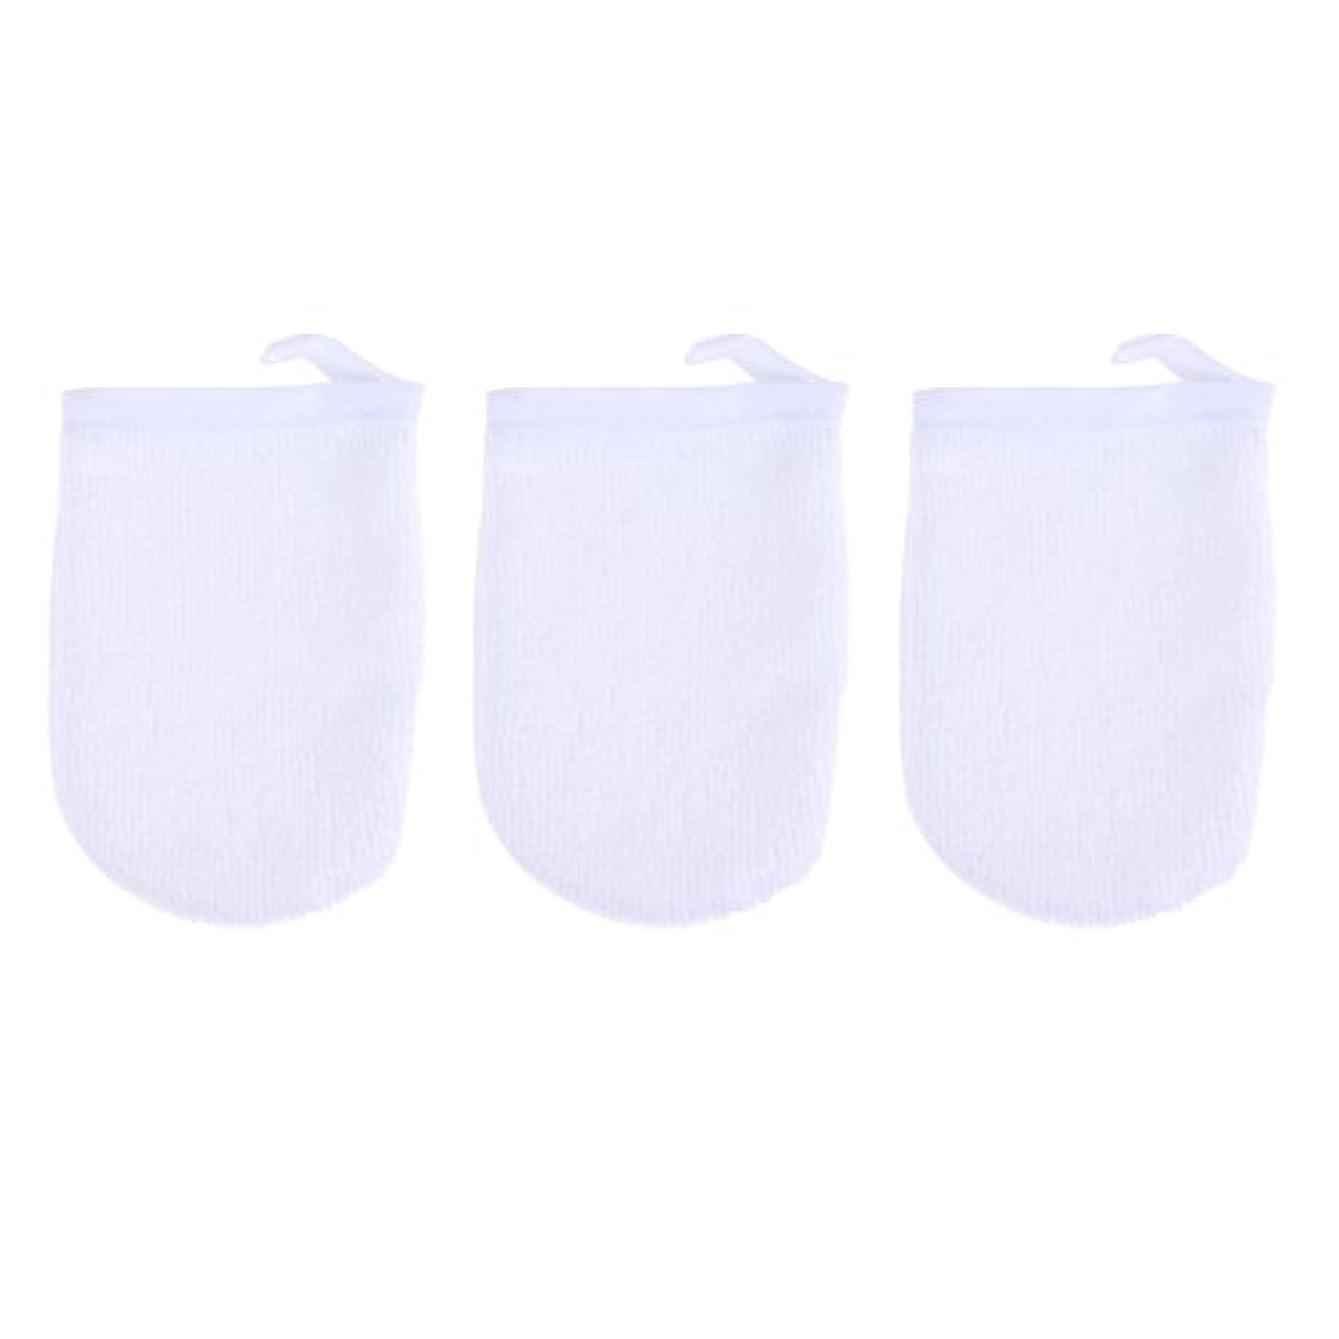 なす行政エンゲージメントBESTONZON 3ピースマイクロファイバー洗顔手袋フェイスクレンジングタオルクロススパミットソフト洗濯道具